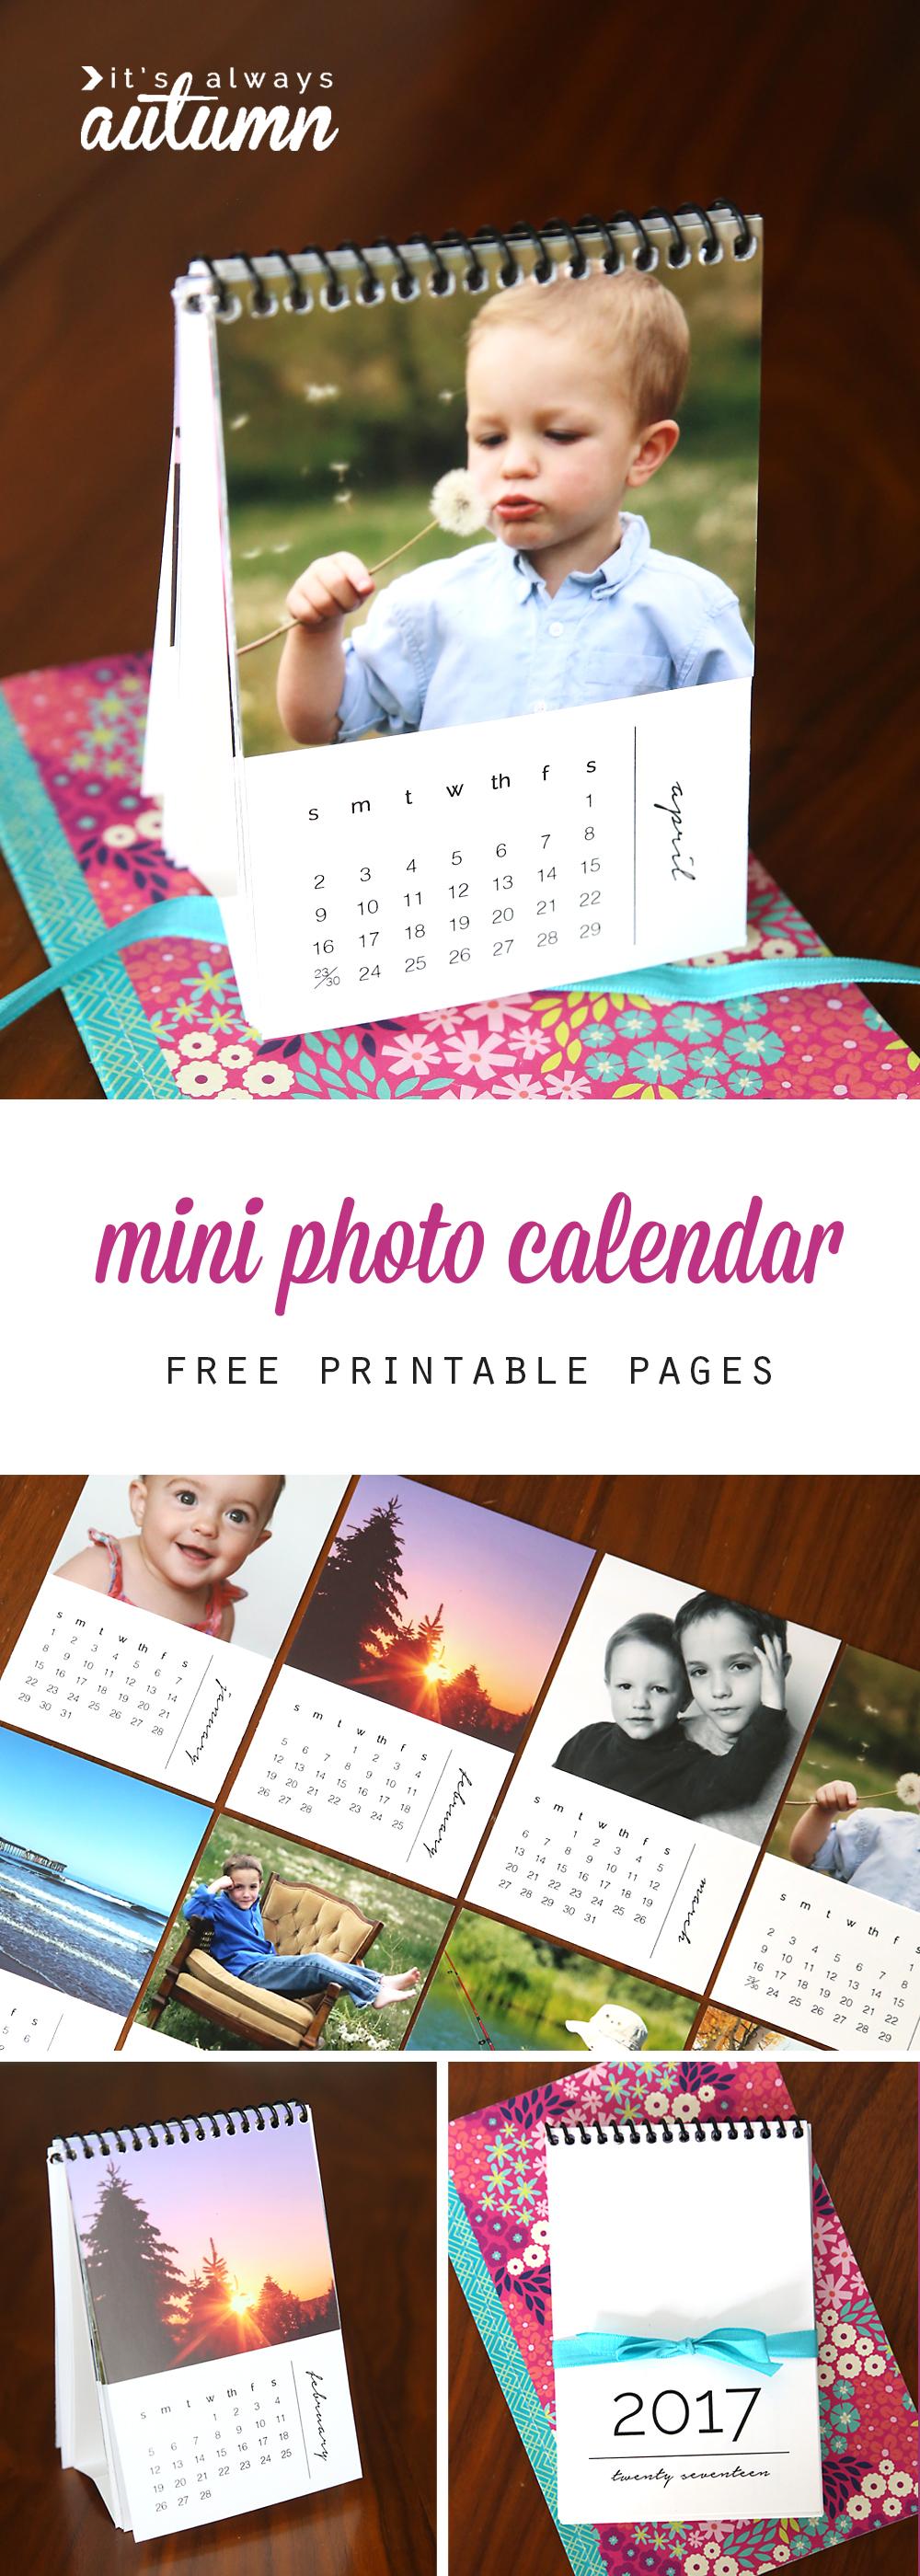 Diy Mini Photo Calendar W Free Printables It S Always Autumn